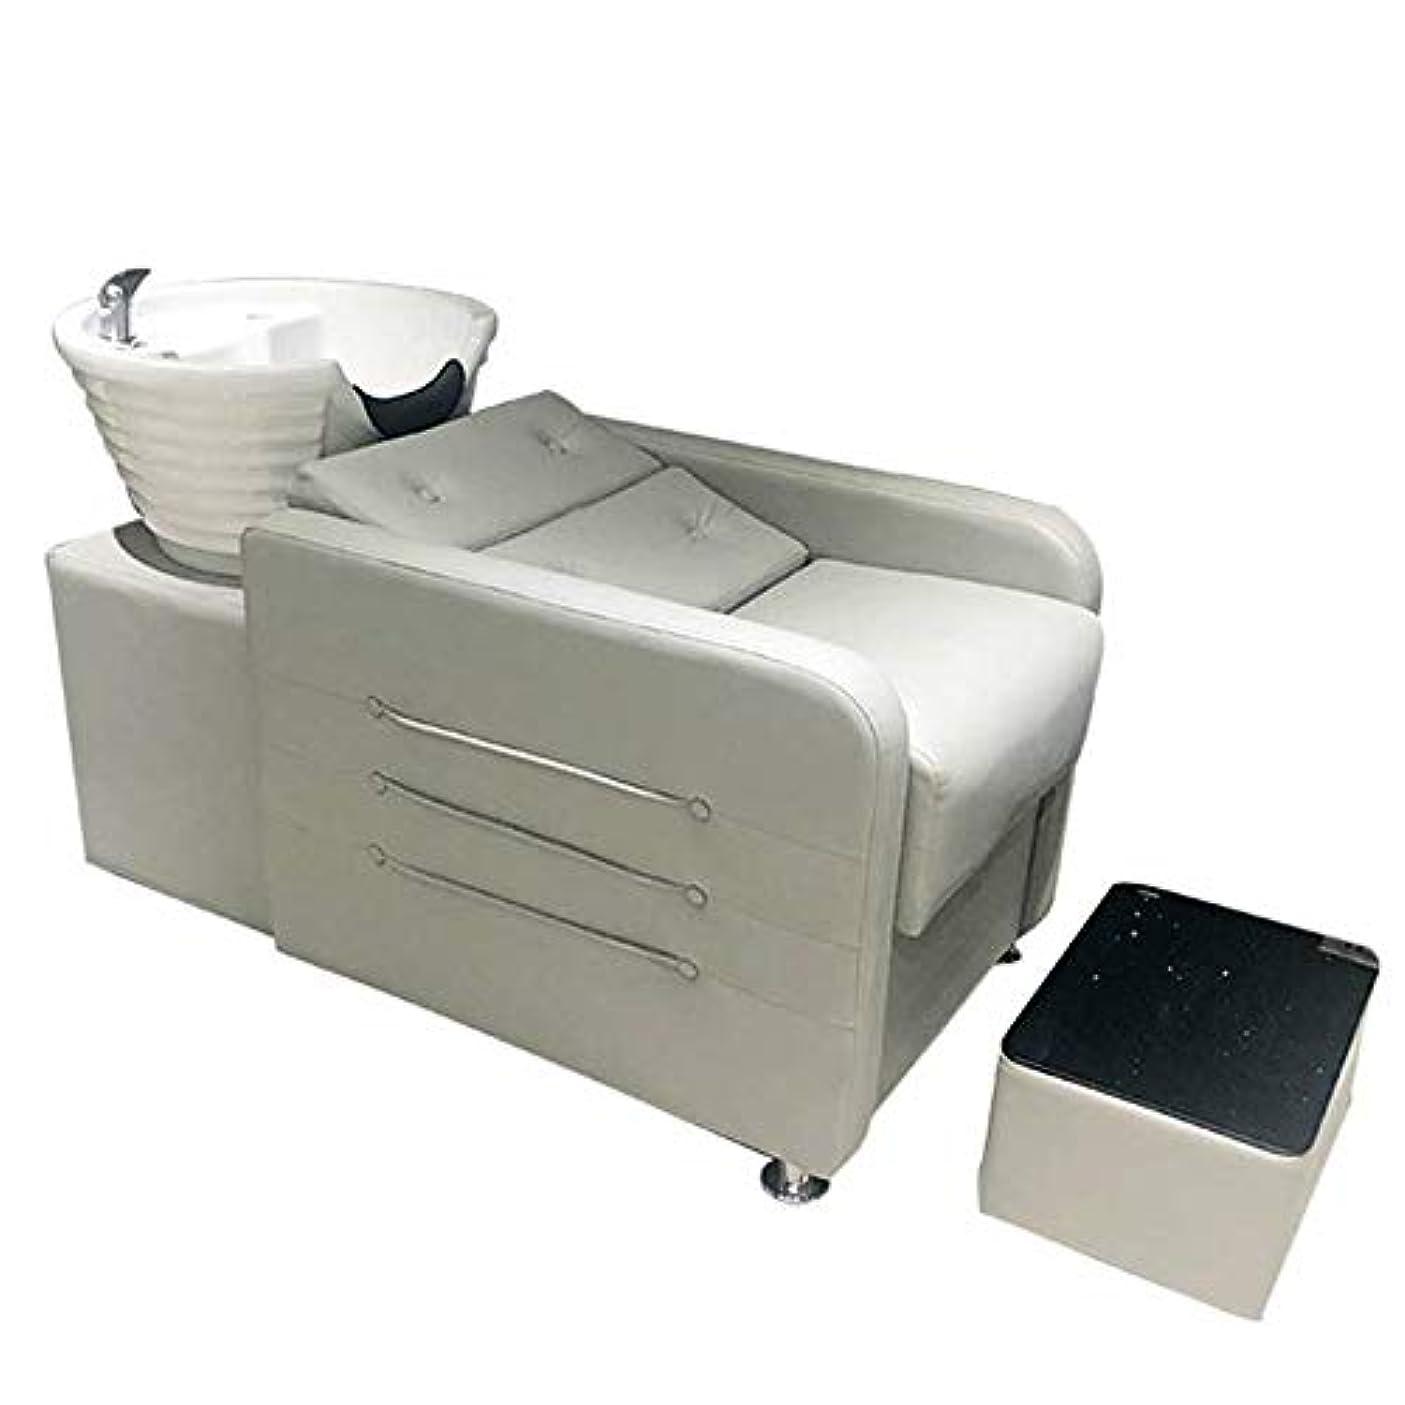 無実ラボ今シャンプーチェア、 逆洗ユニットシャンプーボウル理髪シンク椅子用スパビューティーサロンフラッシュベッド(グレー)